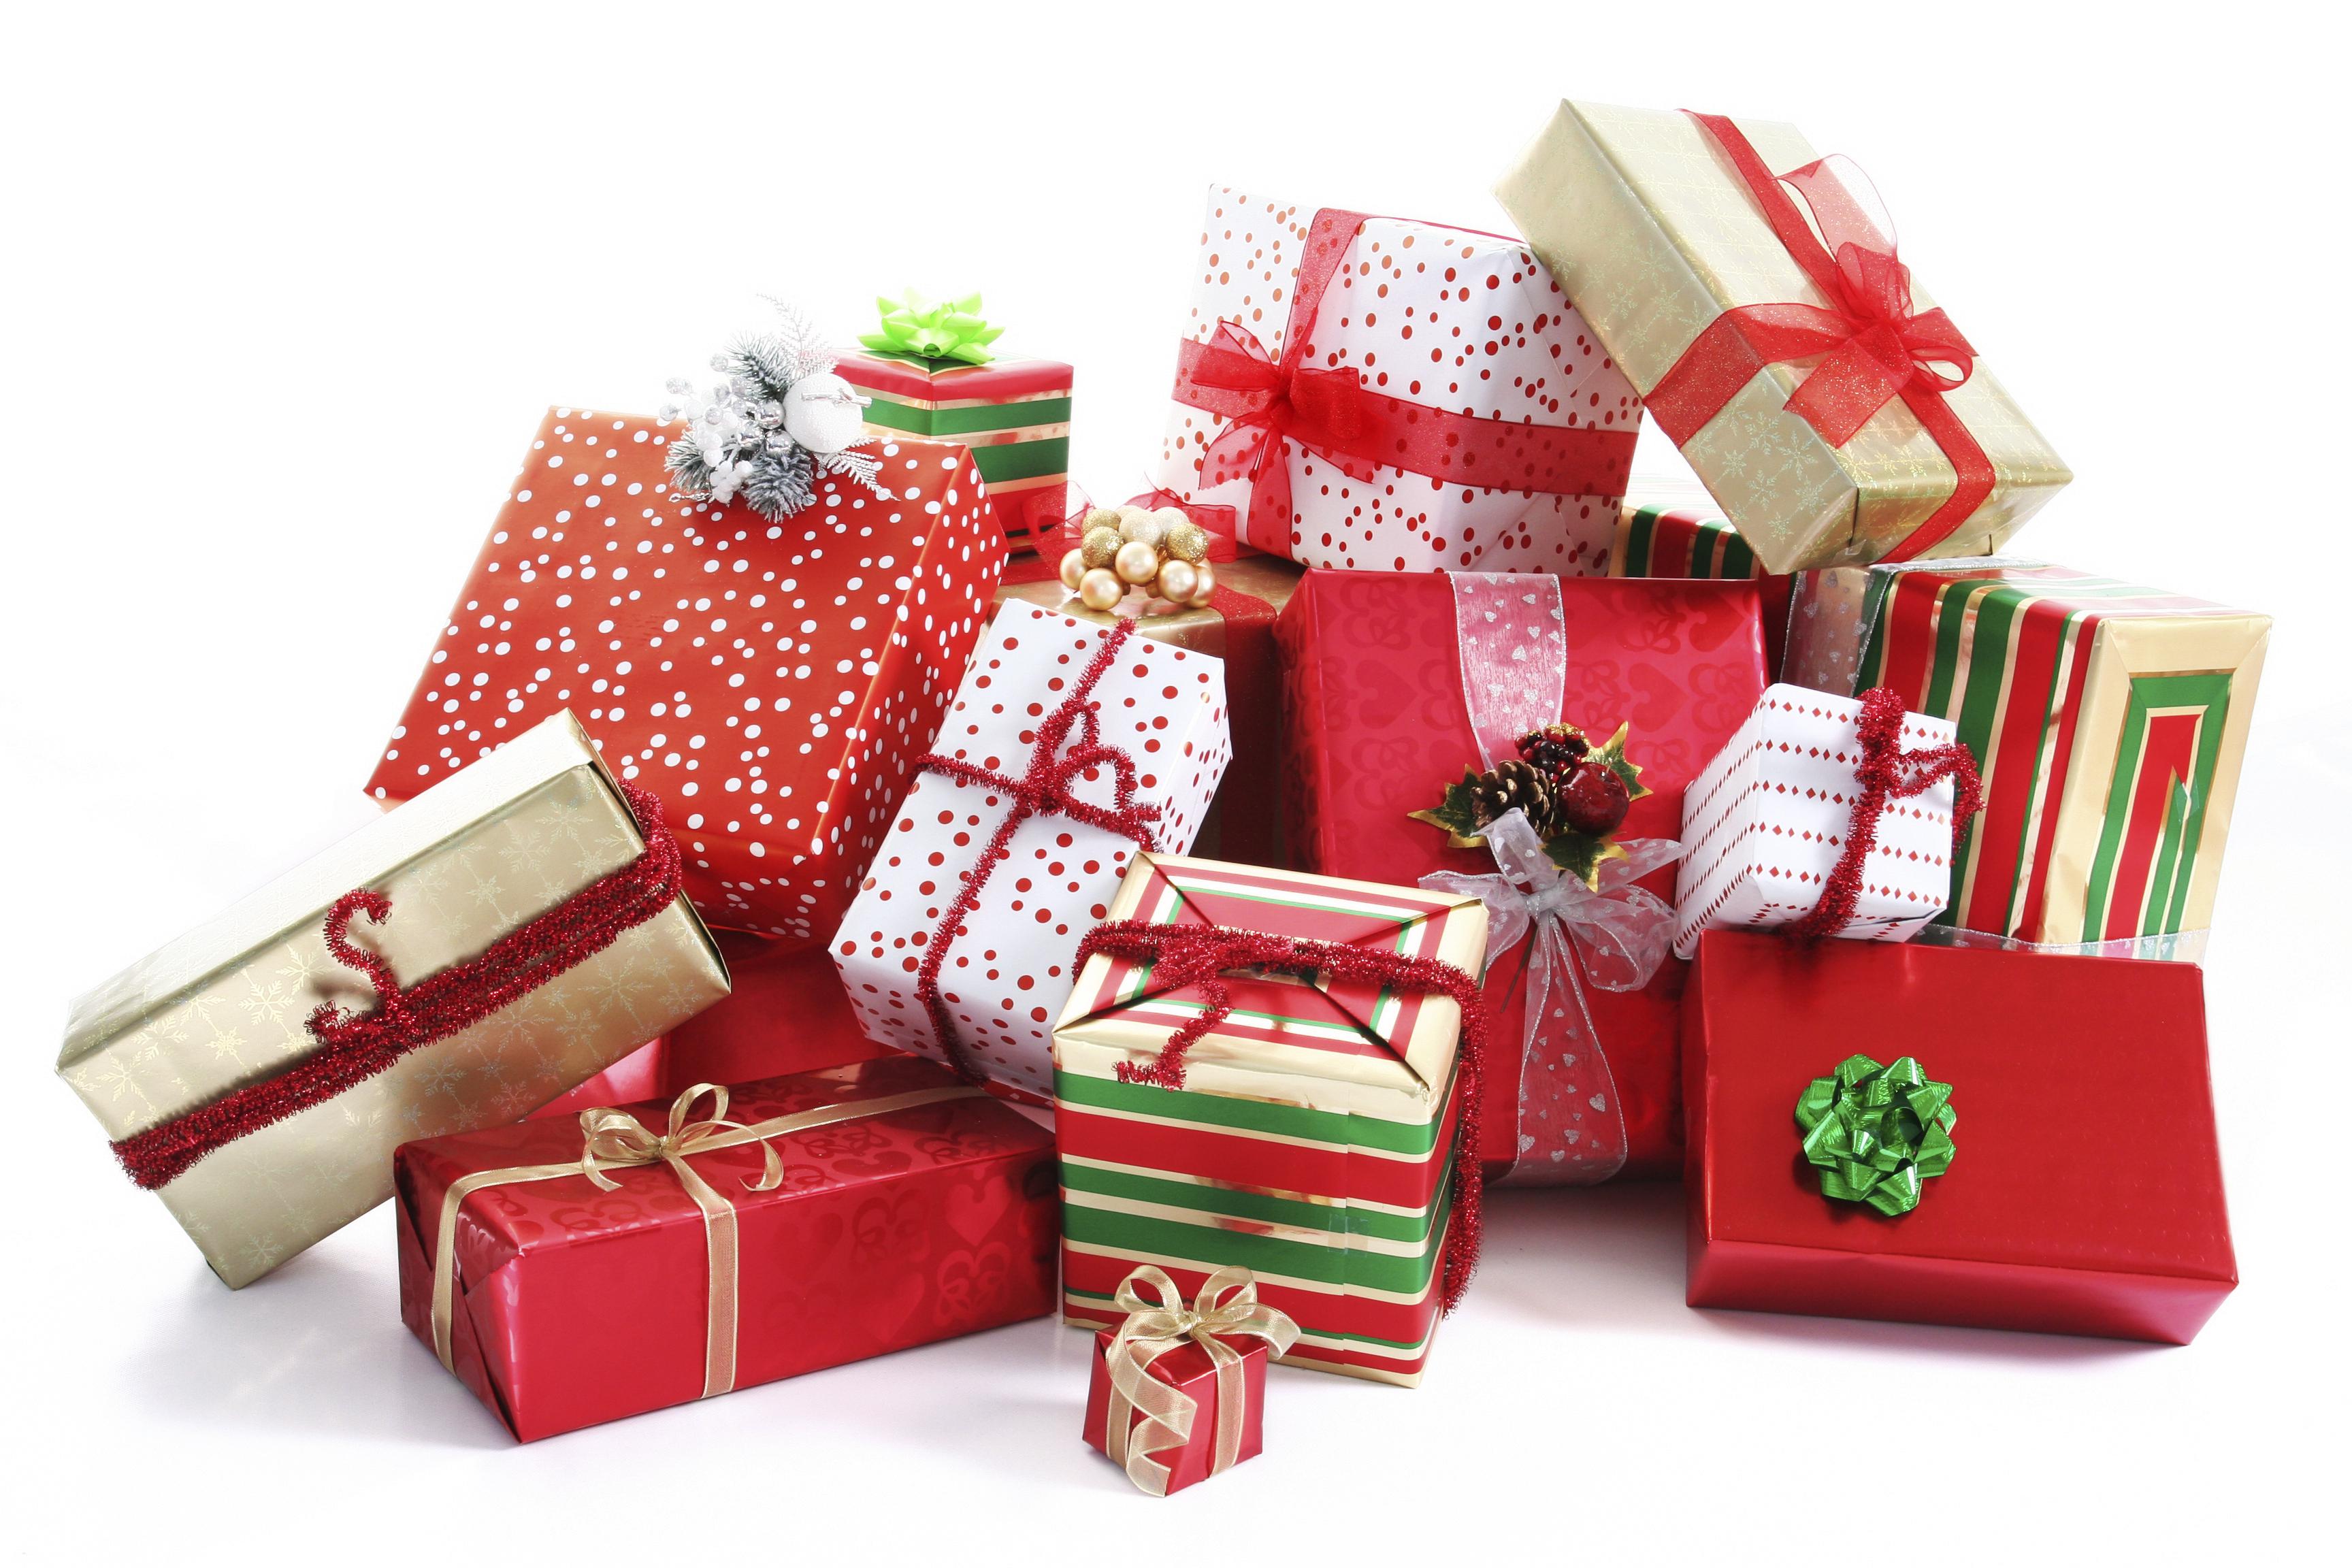 Подарки всем всем всем.Сувениры с символом года-магниты,декоративные доски,подставки под горячее,календари,подвески на елку, а так же шкатулки,ПУШИСТЫЕ ЗАЙКИ и много много всего